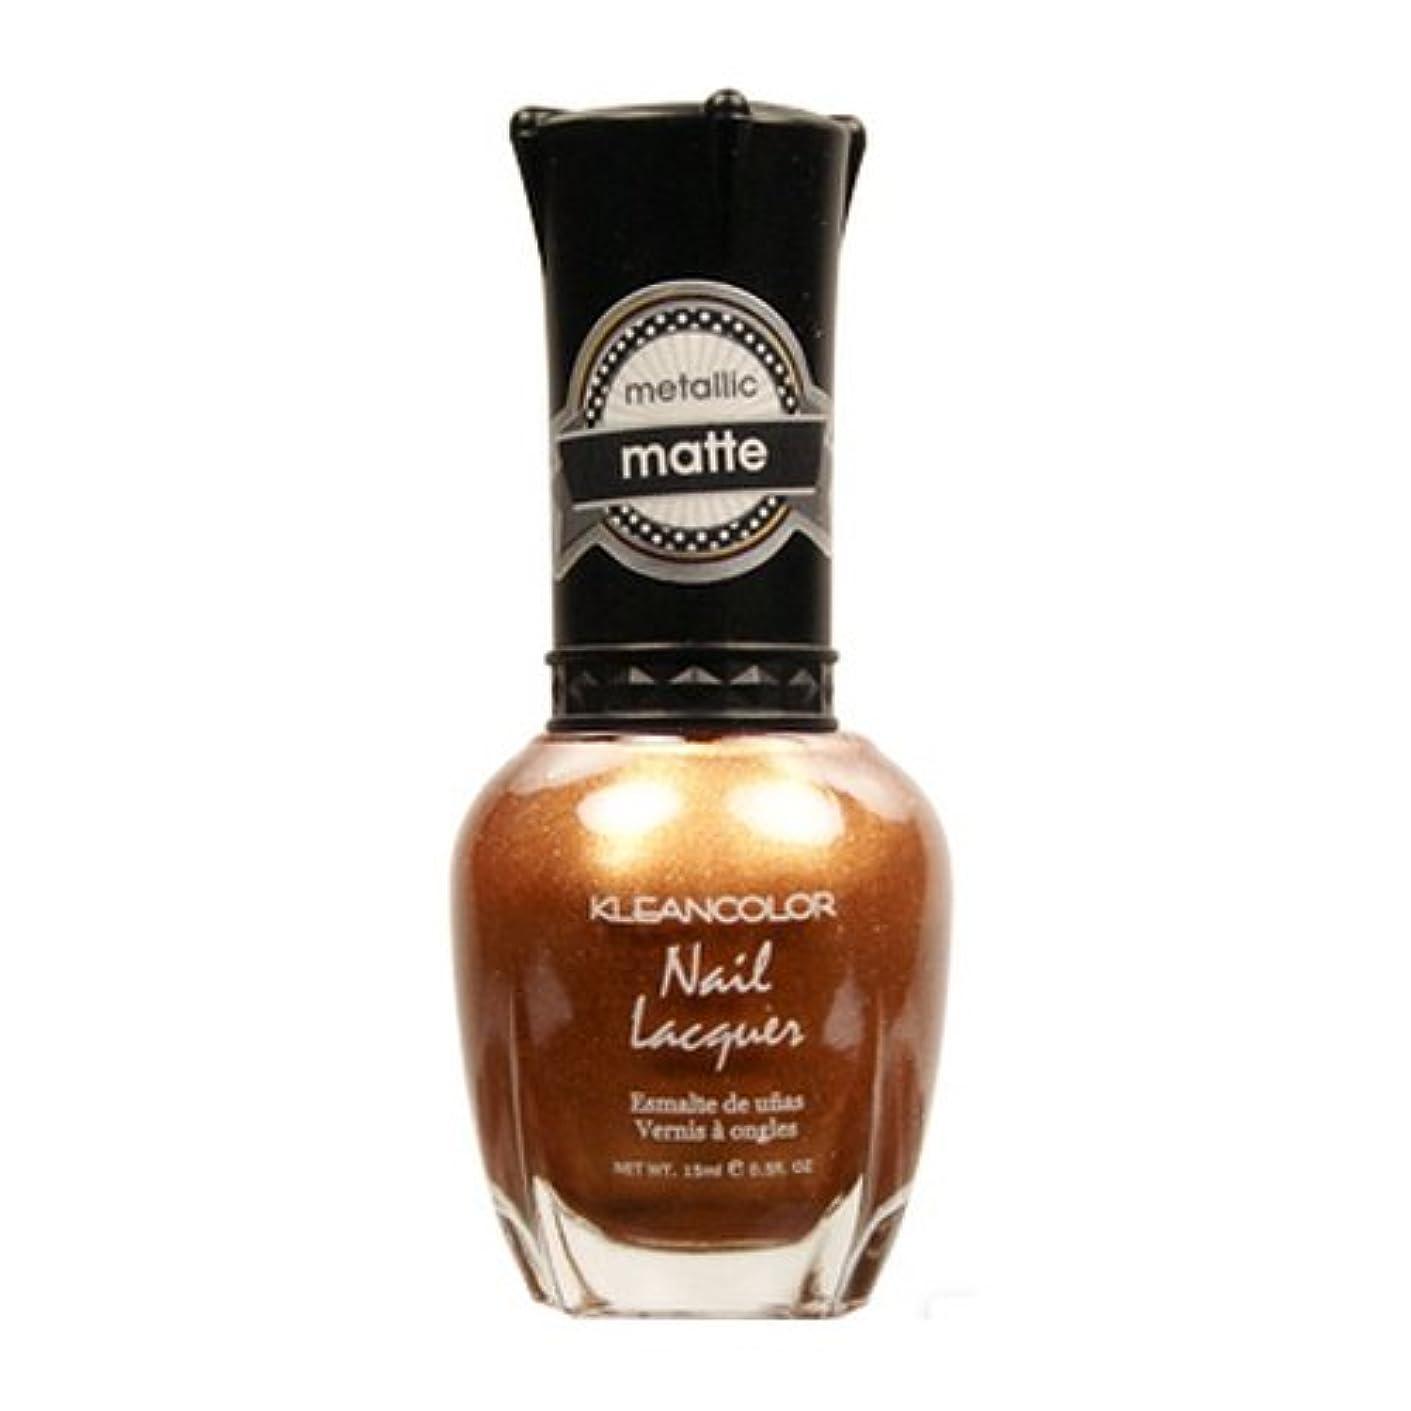 捧げるプロペラ着替えるKLEANCOLOR Matte Nail Lacquer - Life in Gold Castle (並行輸入品)